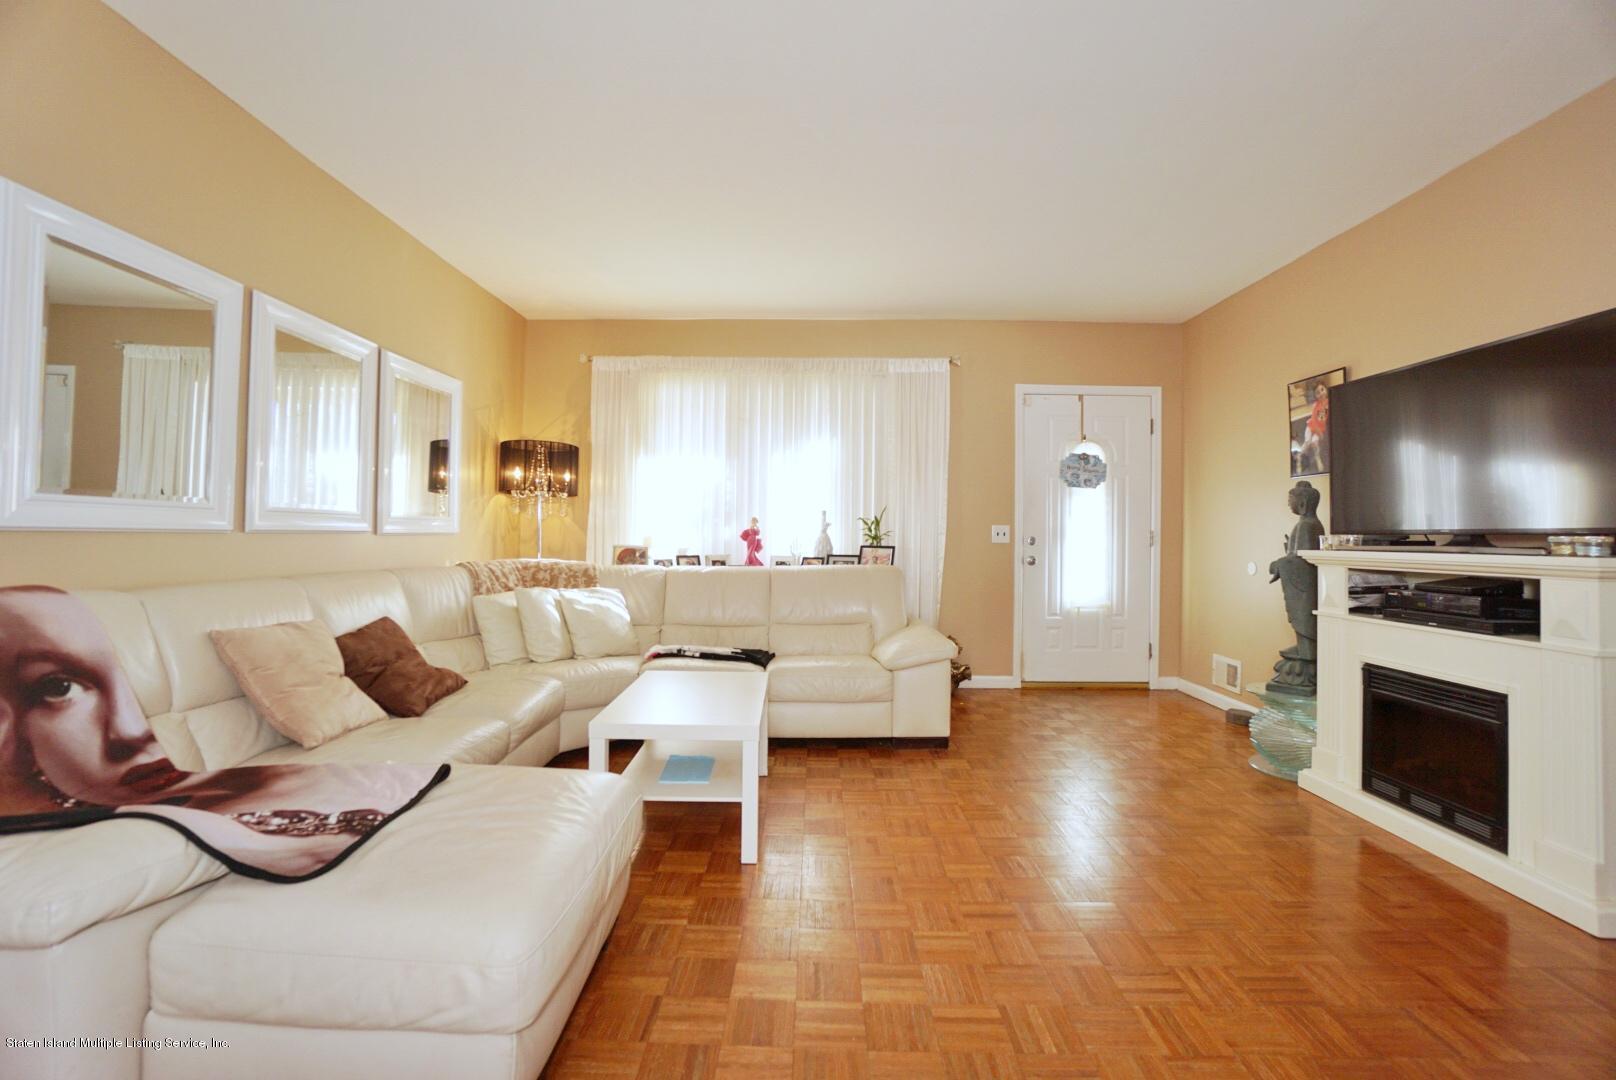 Single Family - Semi-Attached 604 Drumgoole Road  Staten Island, NY 10312, MLS-1141487-8